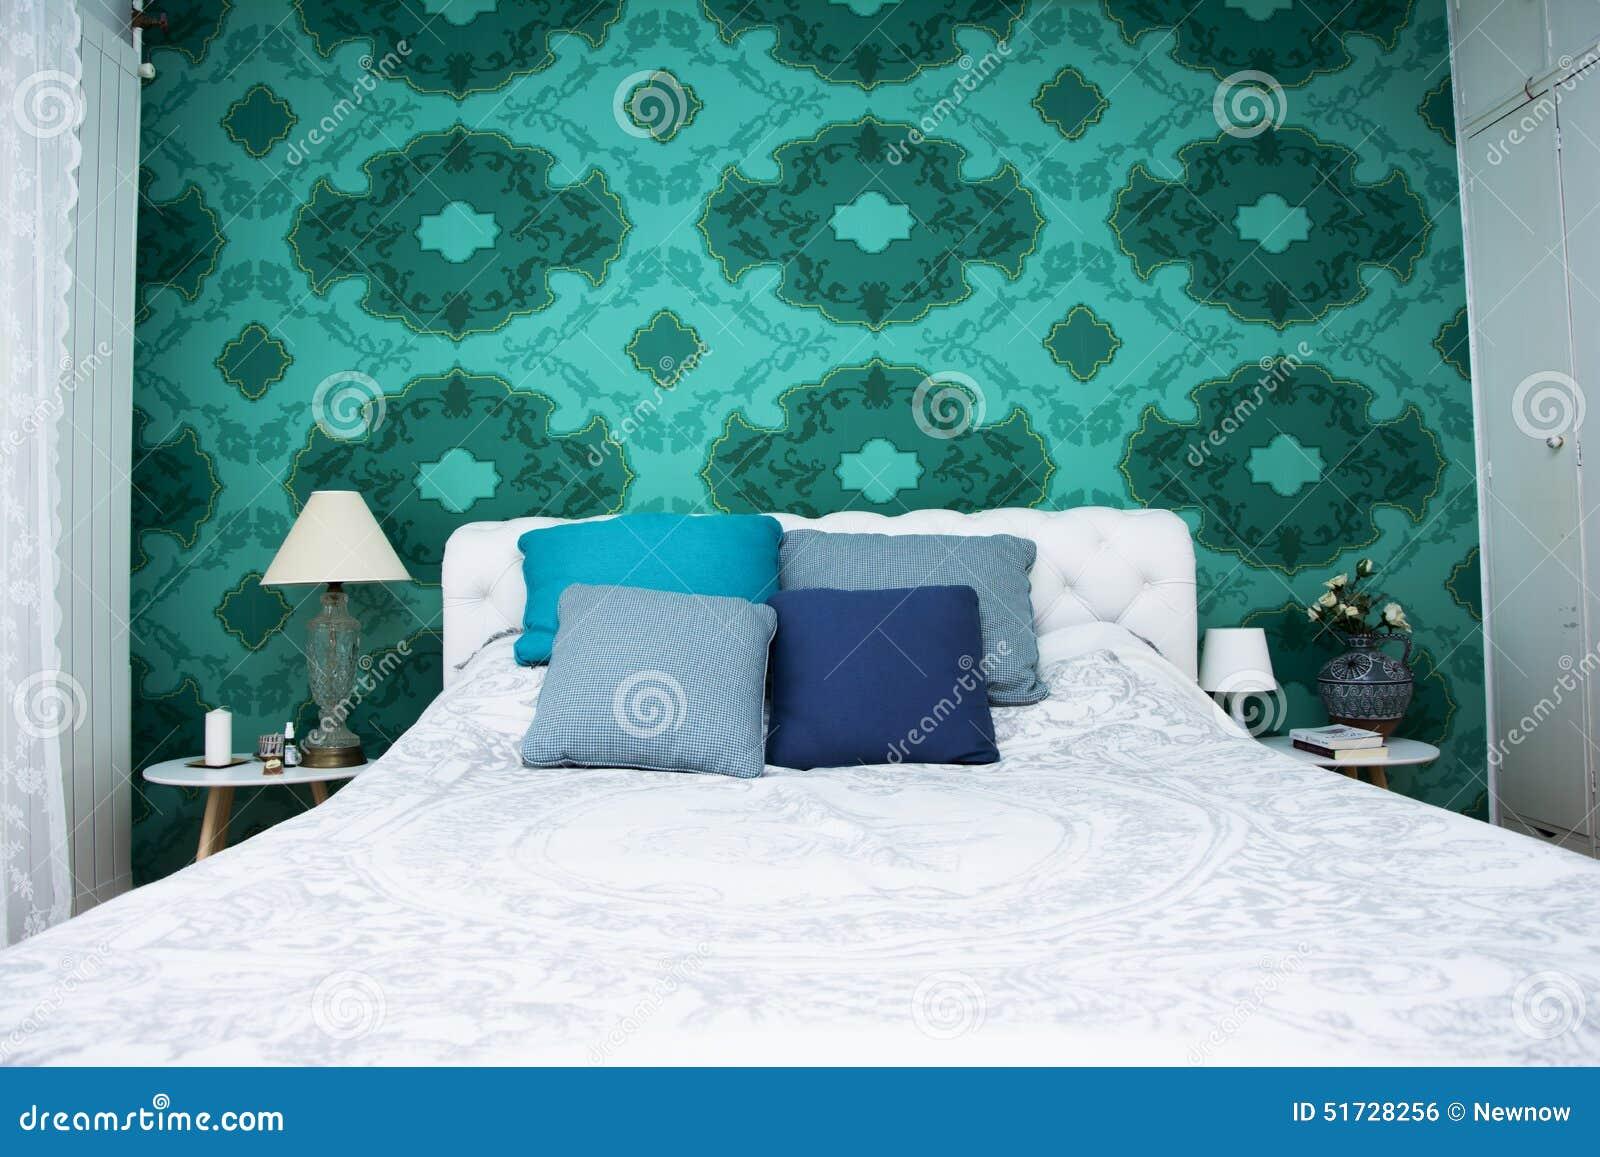 Conception De Chambre à Coucher Avec La Couleur Colorée De Papier Peint Et  De Turquoise Et Blanche